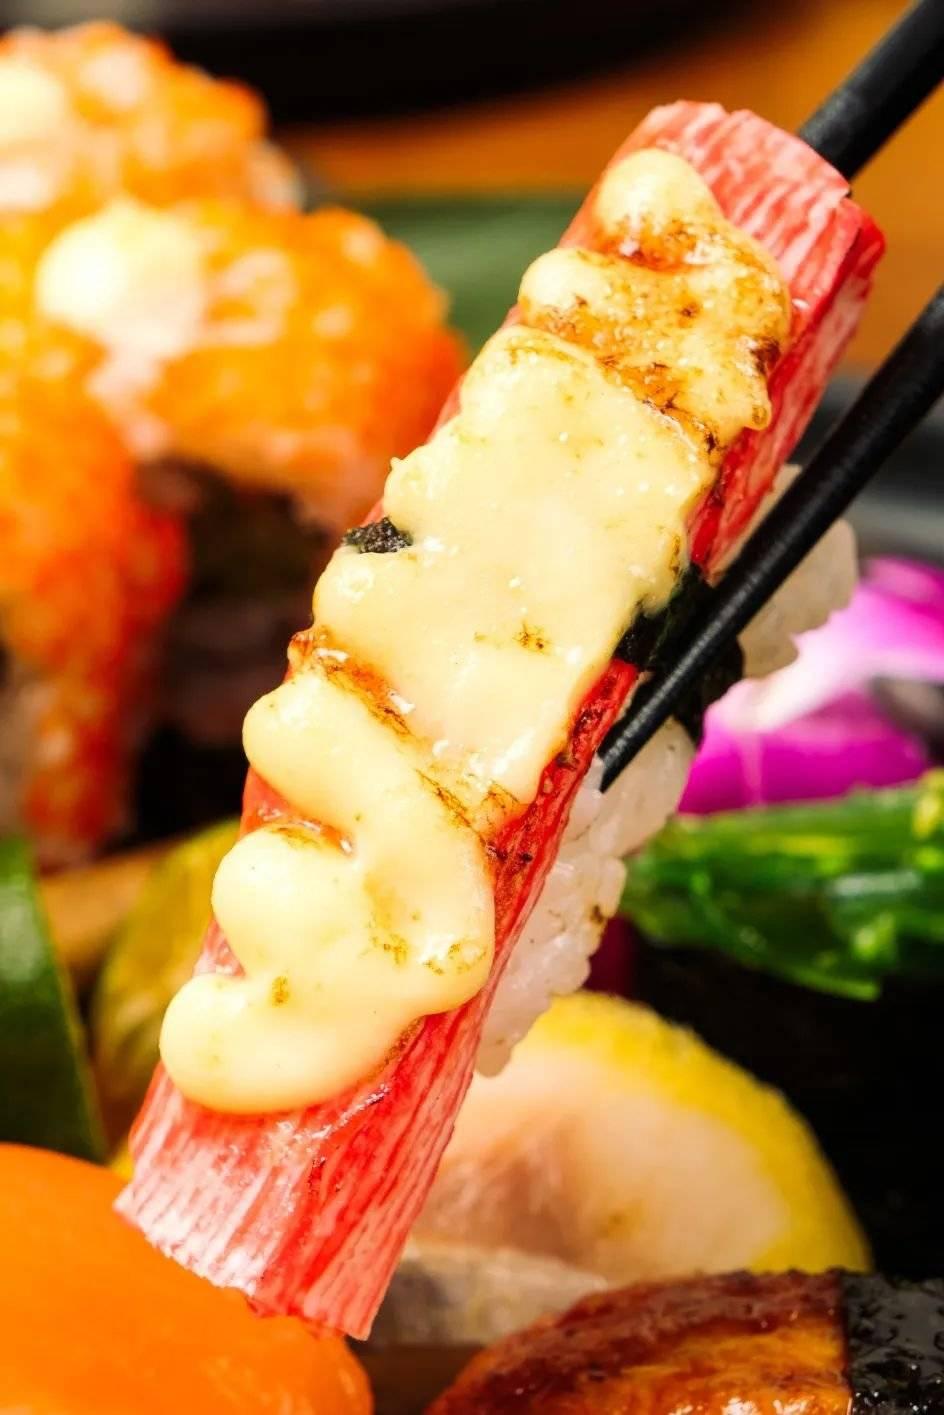 浓到黏唇的汤底,80+款日式小吃,在东方新天地 增肌食谱 第32张